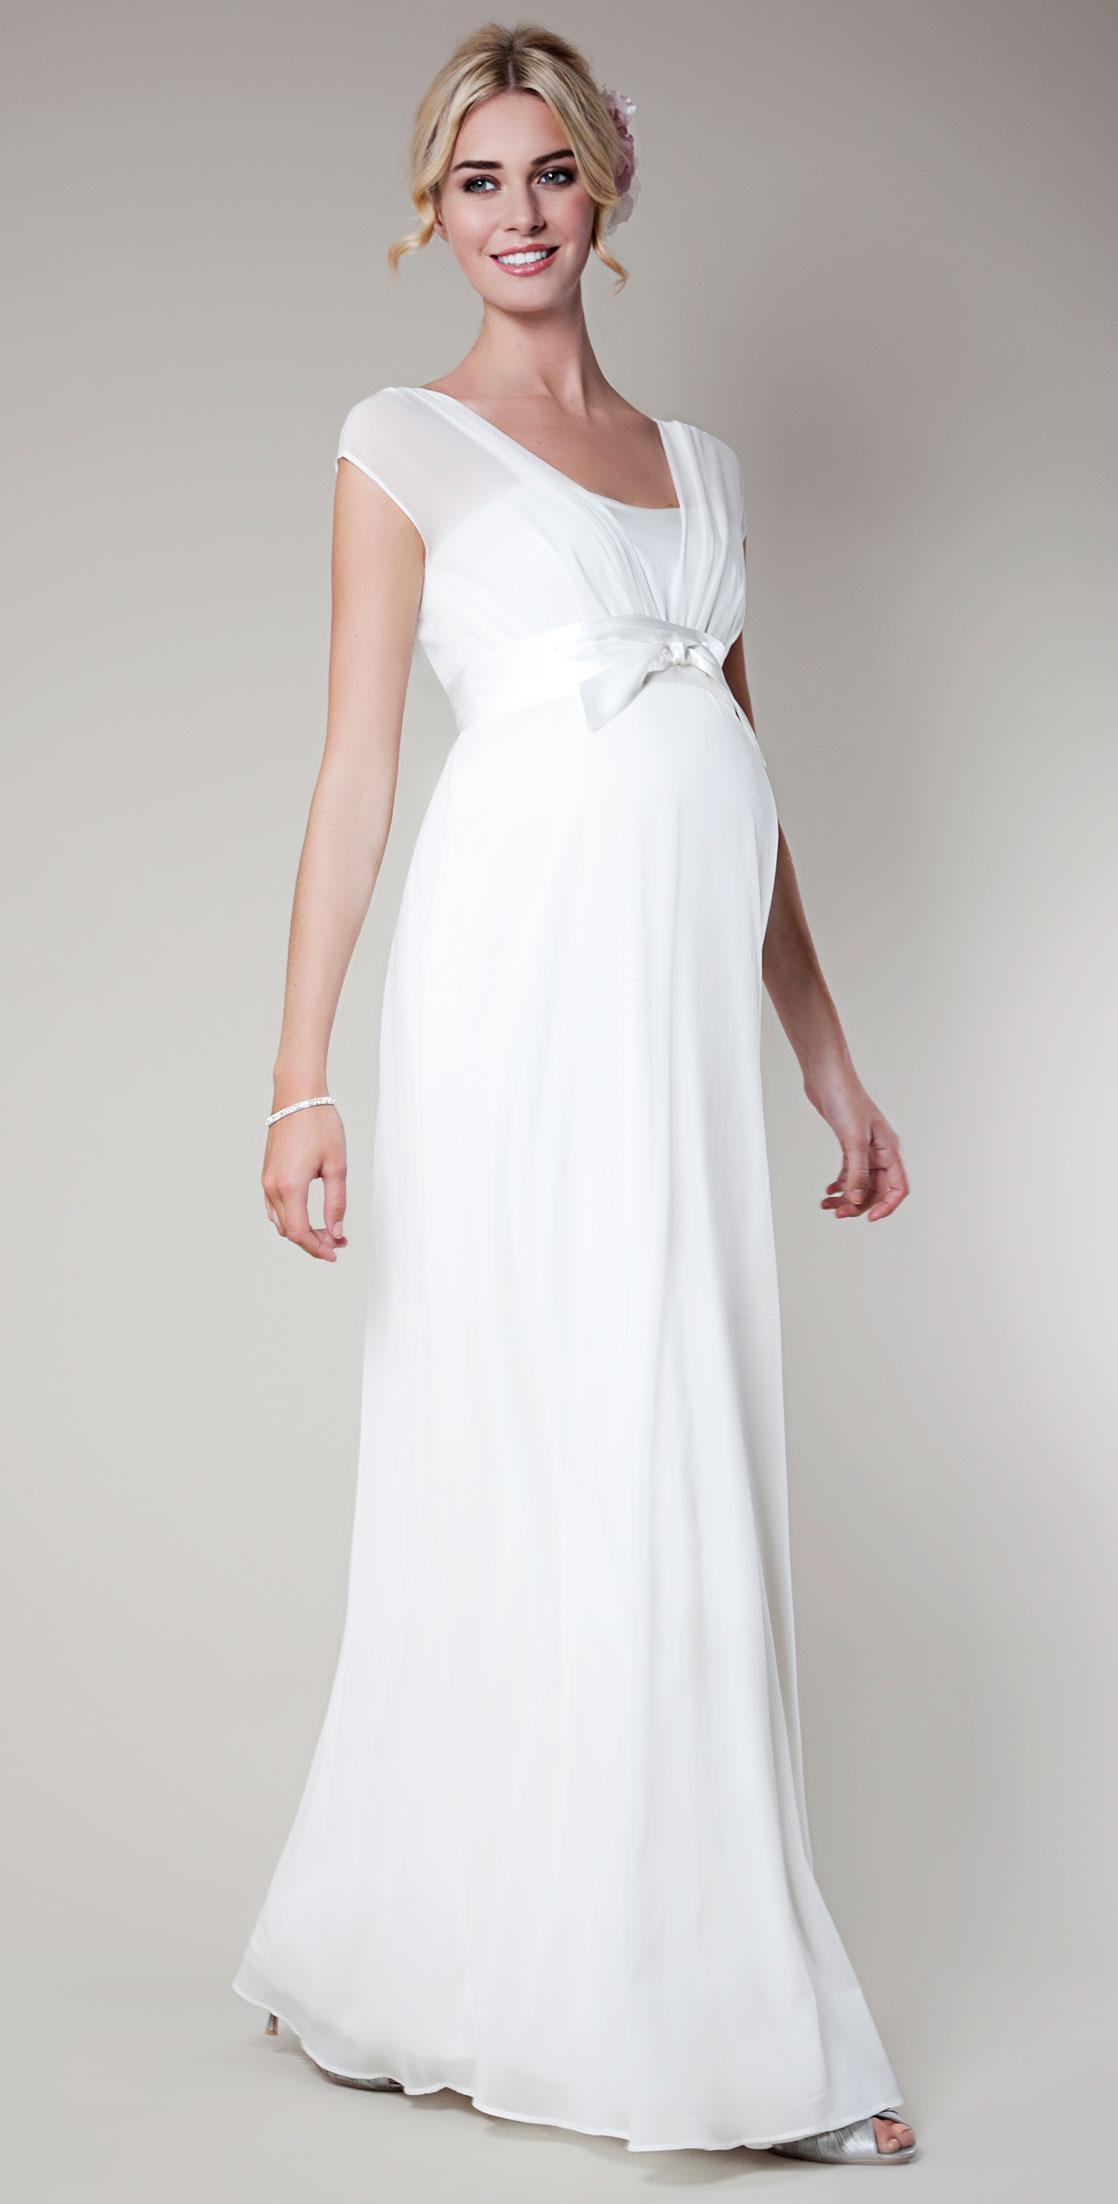 biała suknia ślubna Tiffany Rose